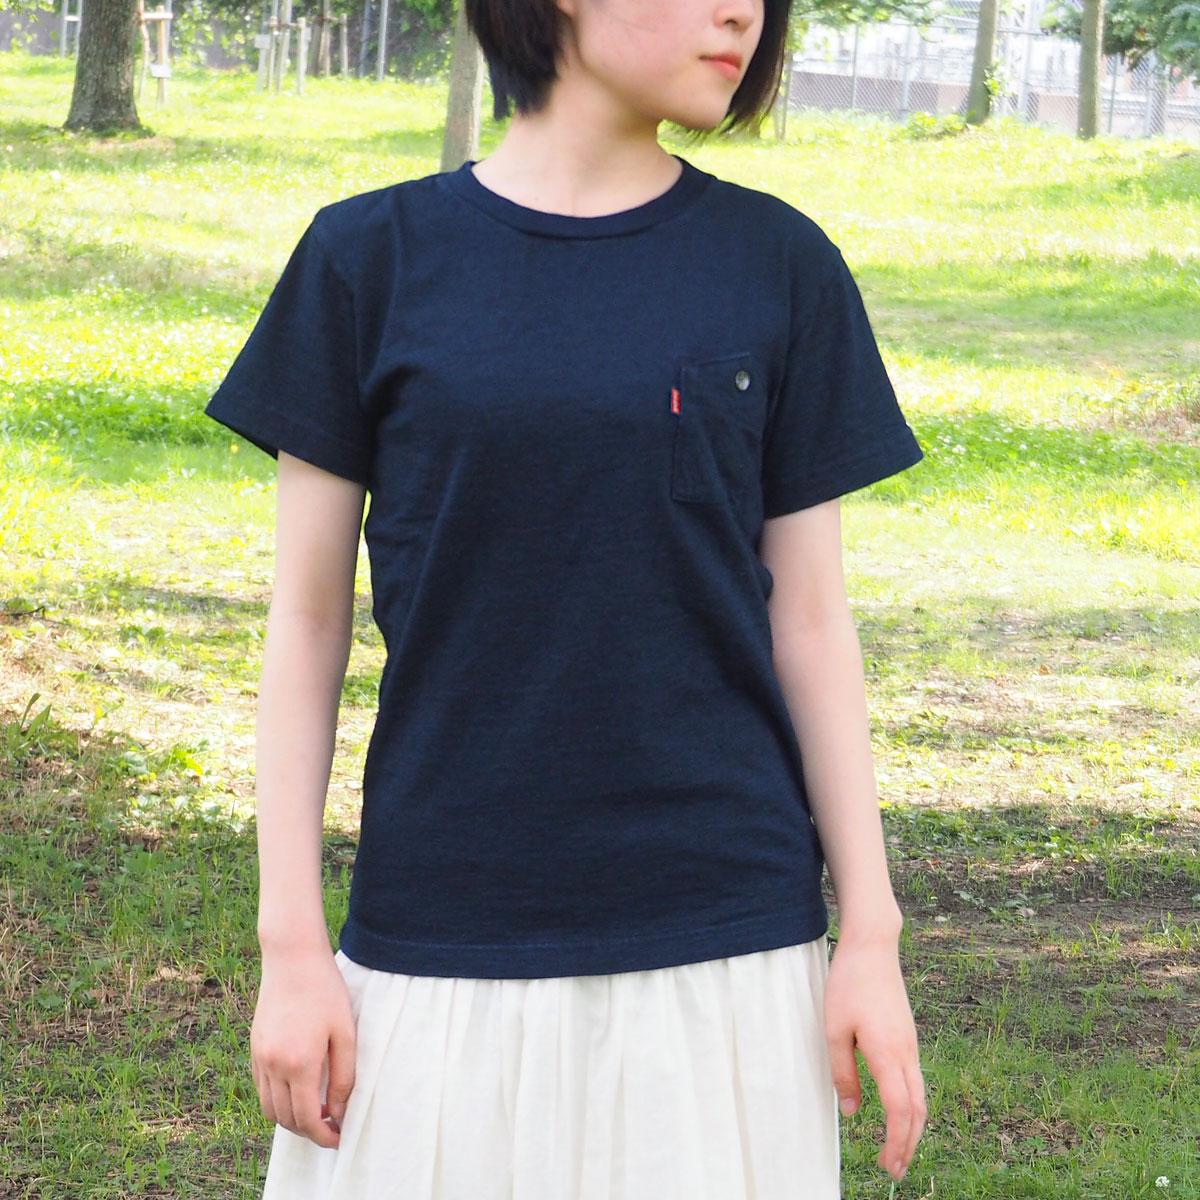 graphzero(グラフゼロ) インディゴロープ染色 山ポケット クルーネックTシャツ レディース [GZ-IDTC-0104-LADIES]